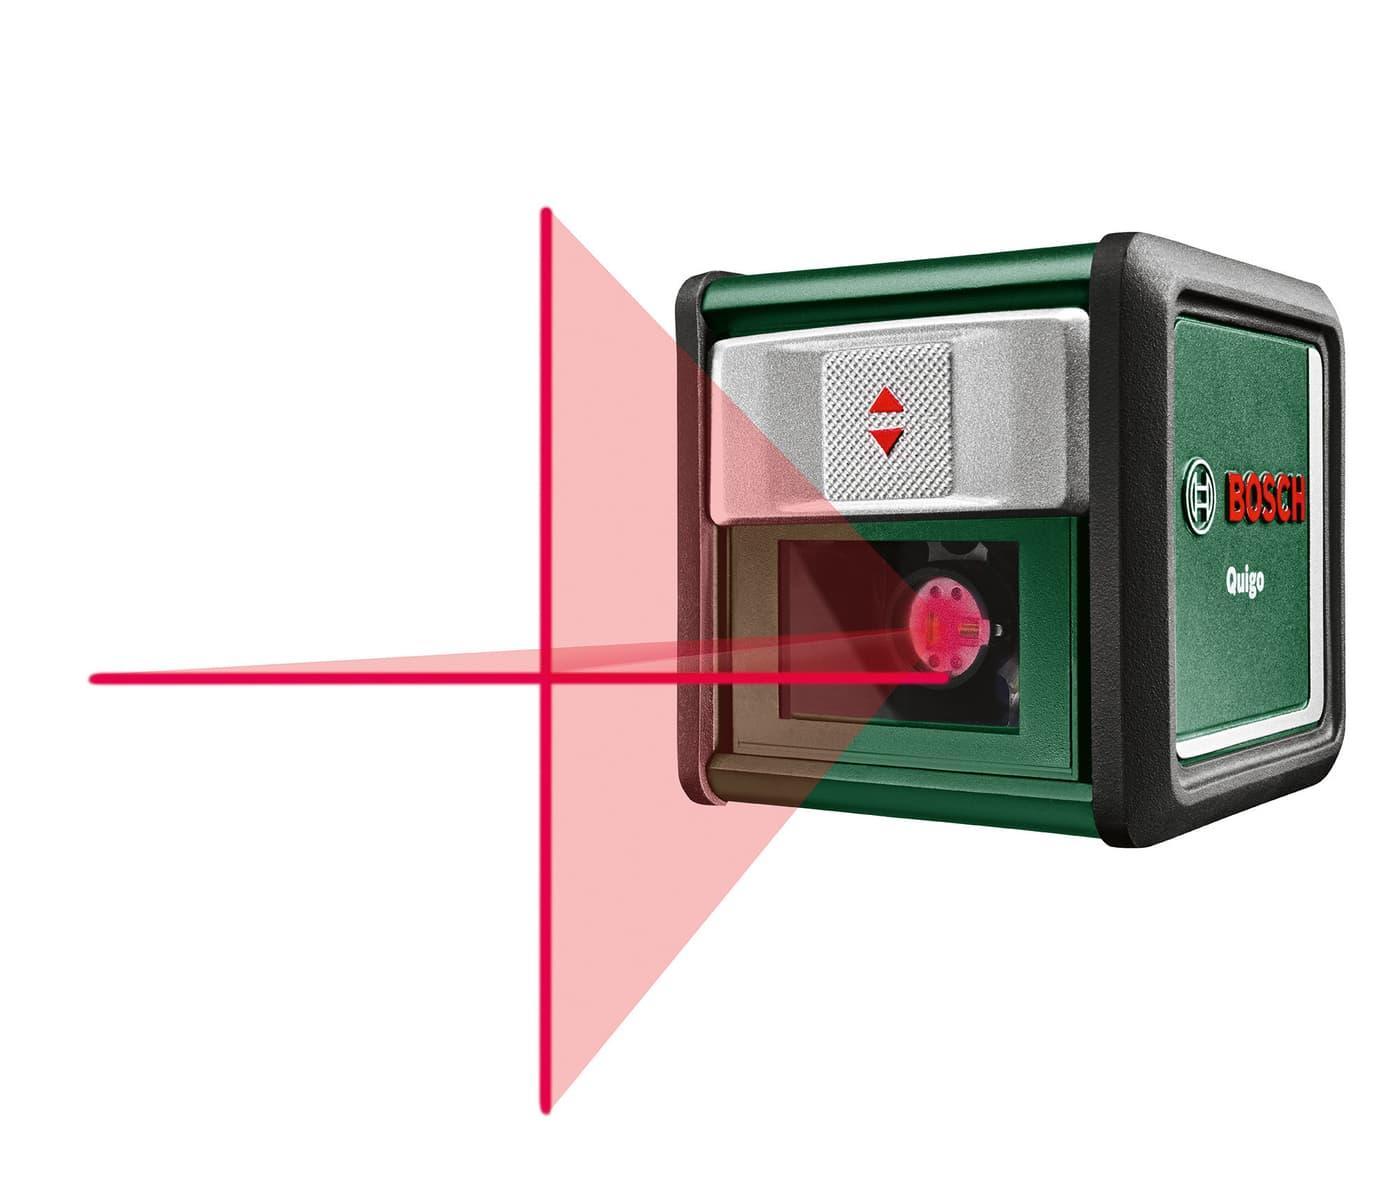 bosch laser en croix quigo iii   migros